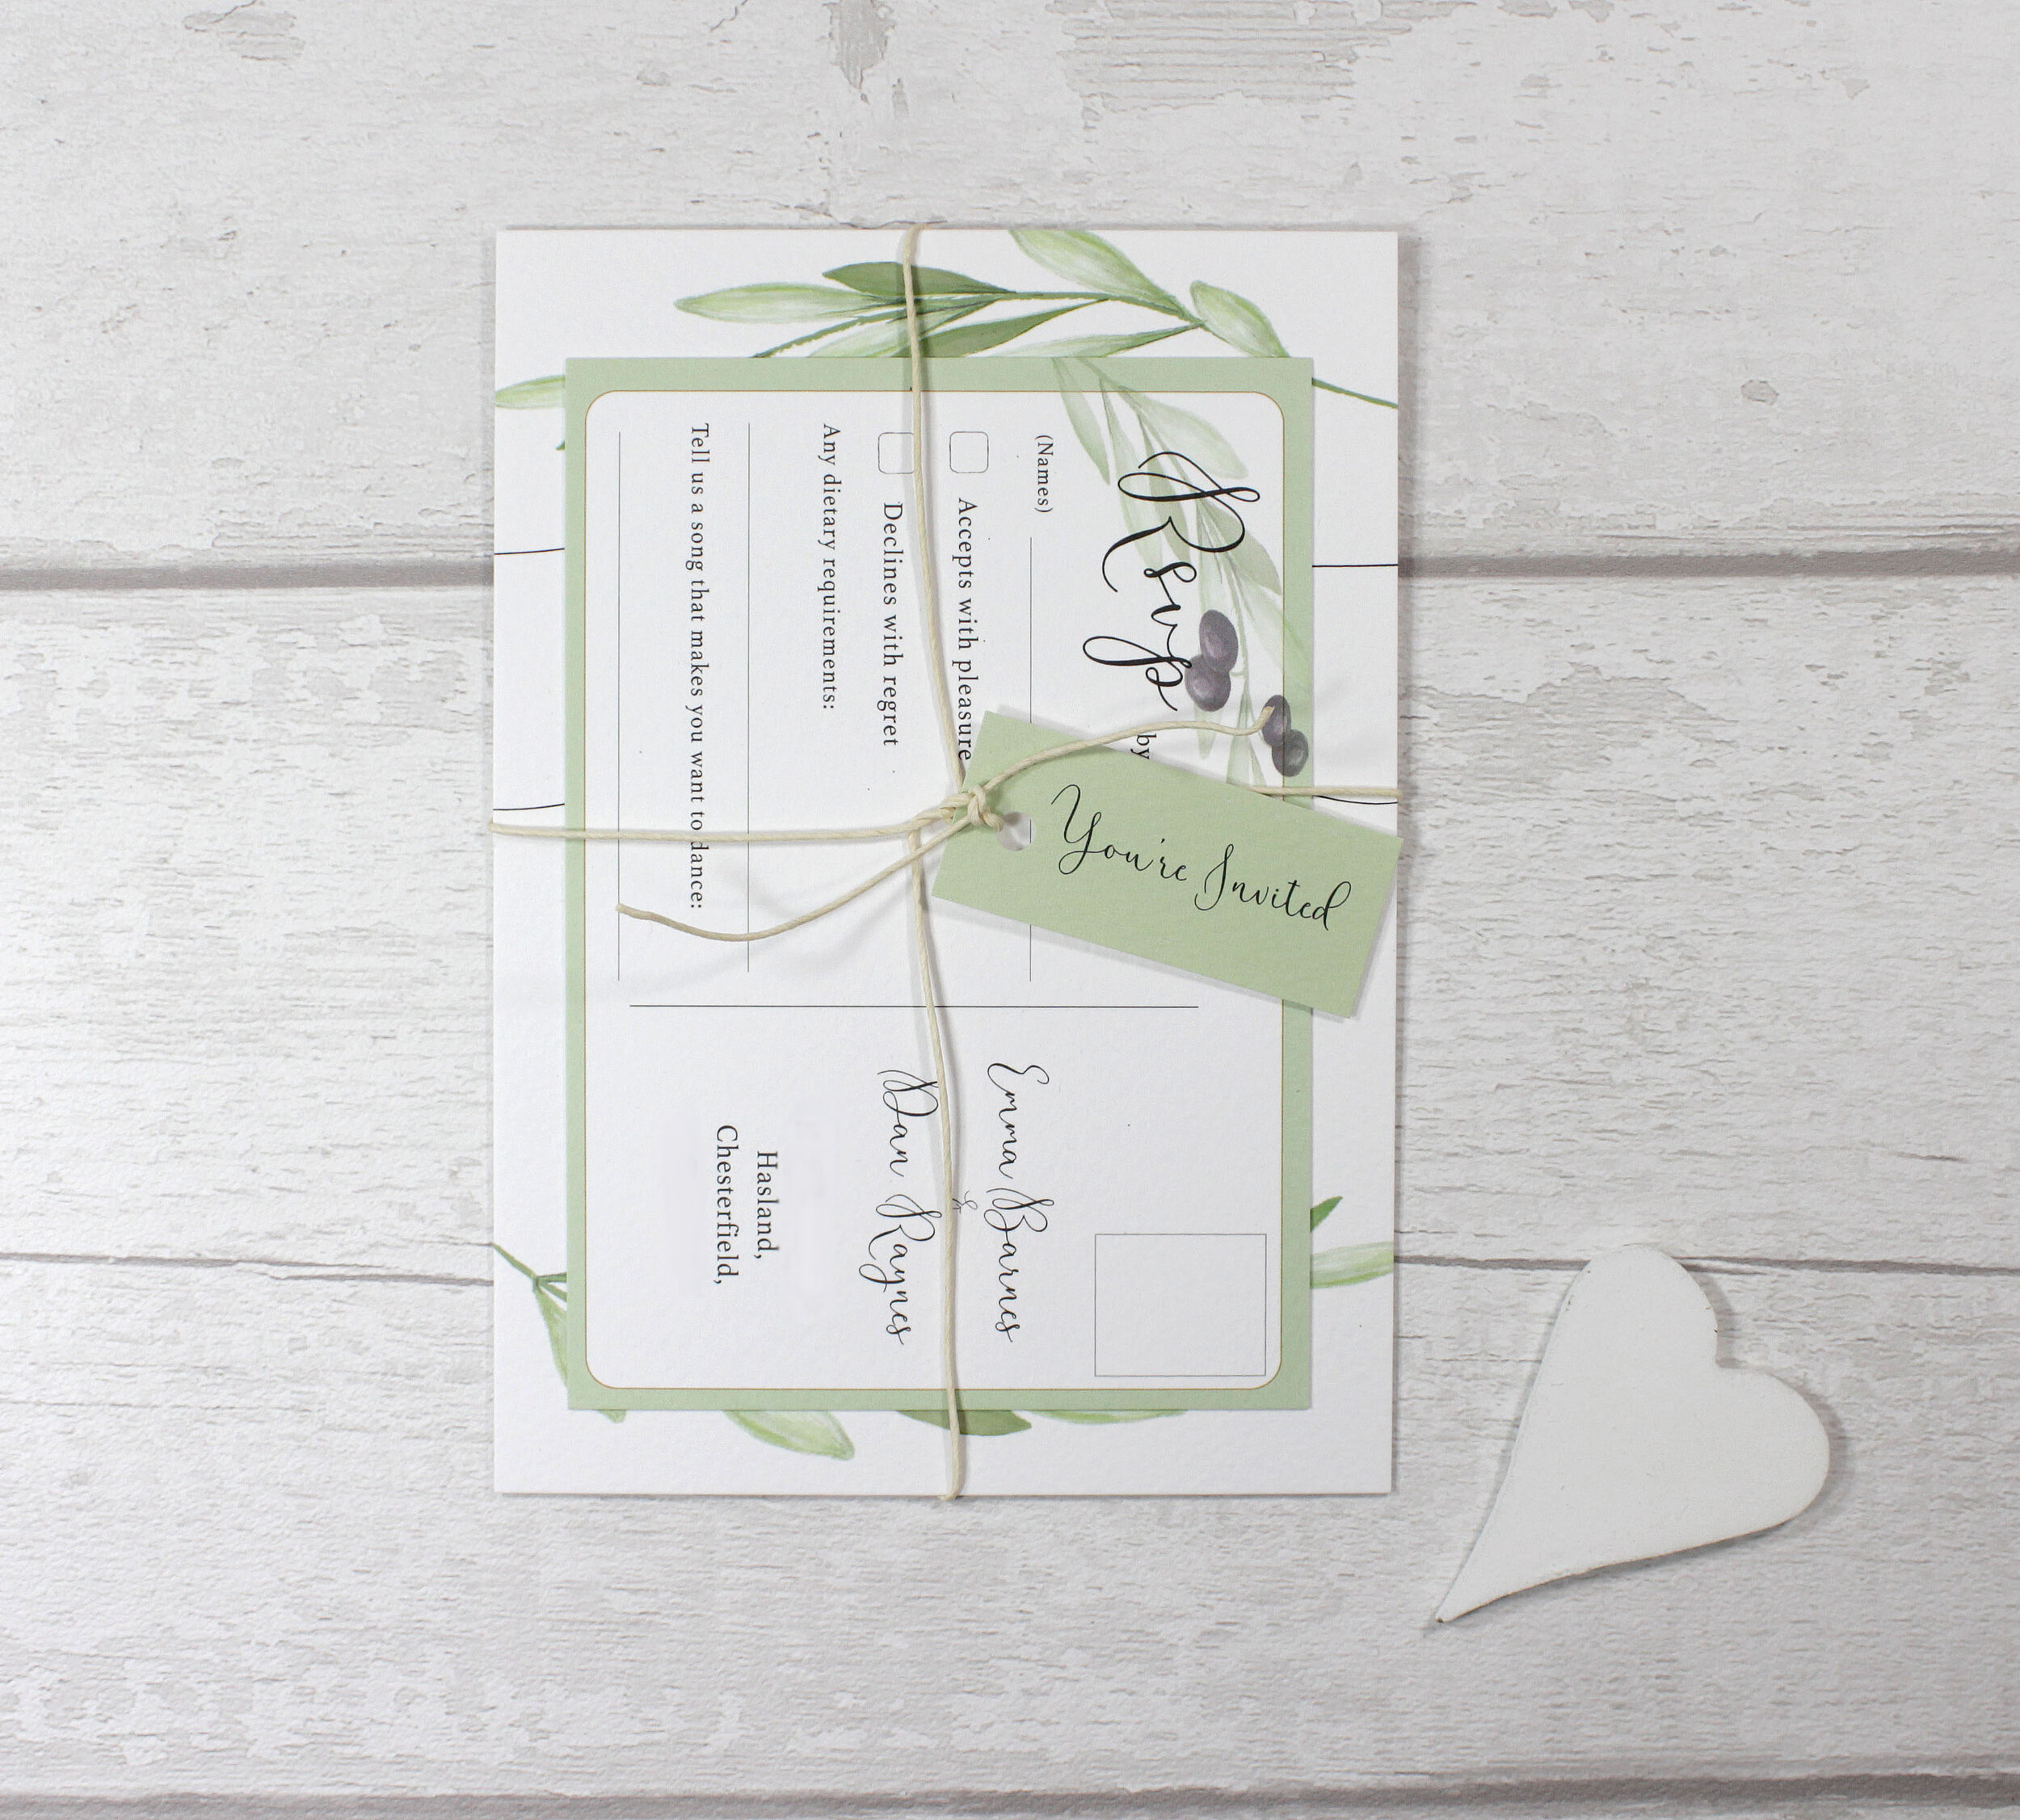 Olive branch invite 5 bundle facebook.jpg